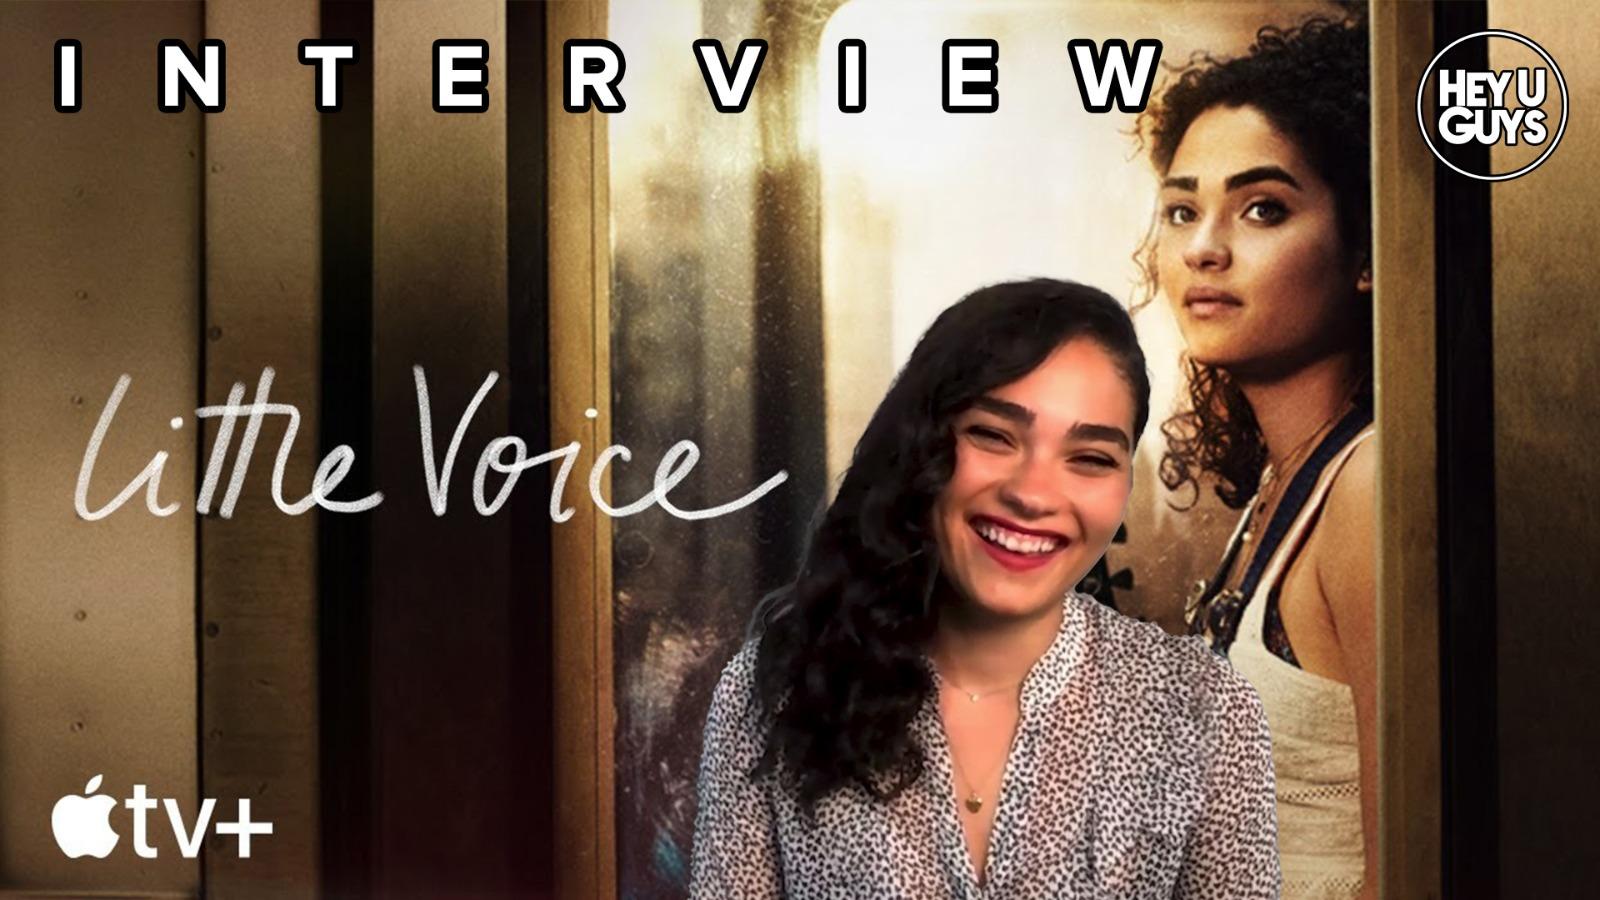 little voice cast interviews